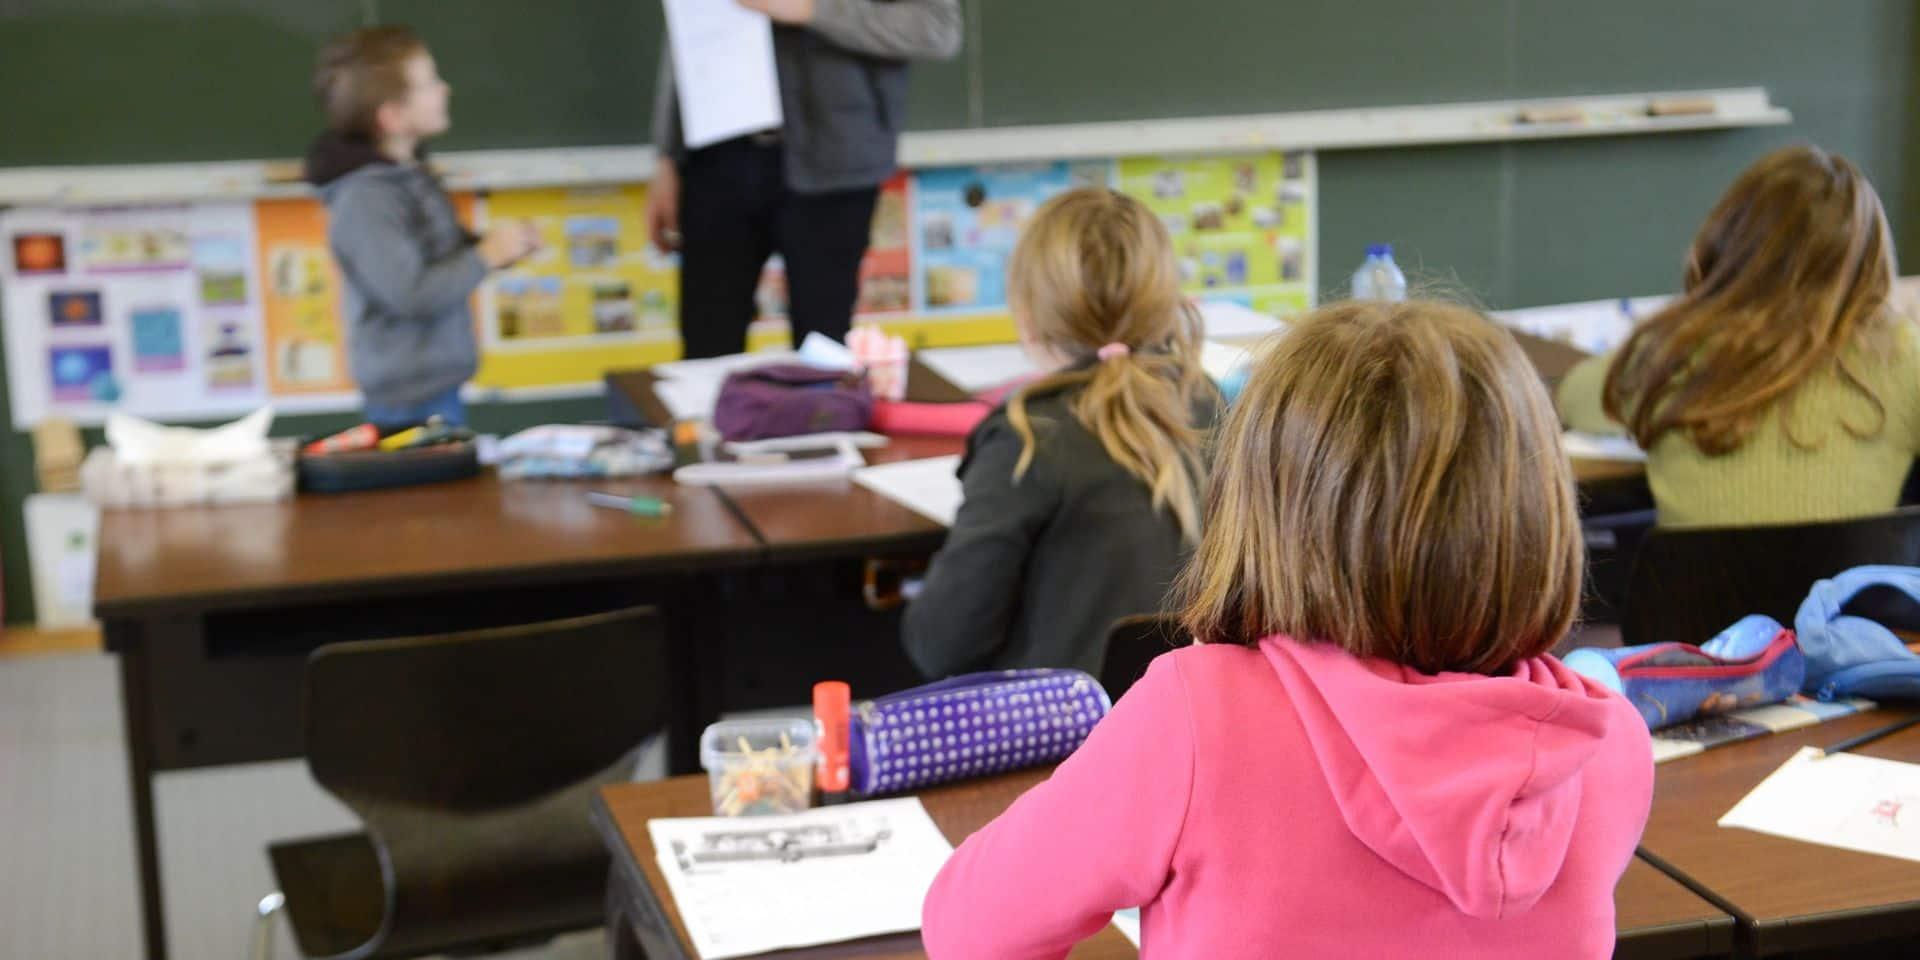 Fermeture temporaire de l'école de Bassilly après plusieurs cas de coronavirus